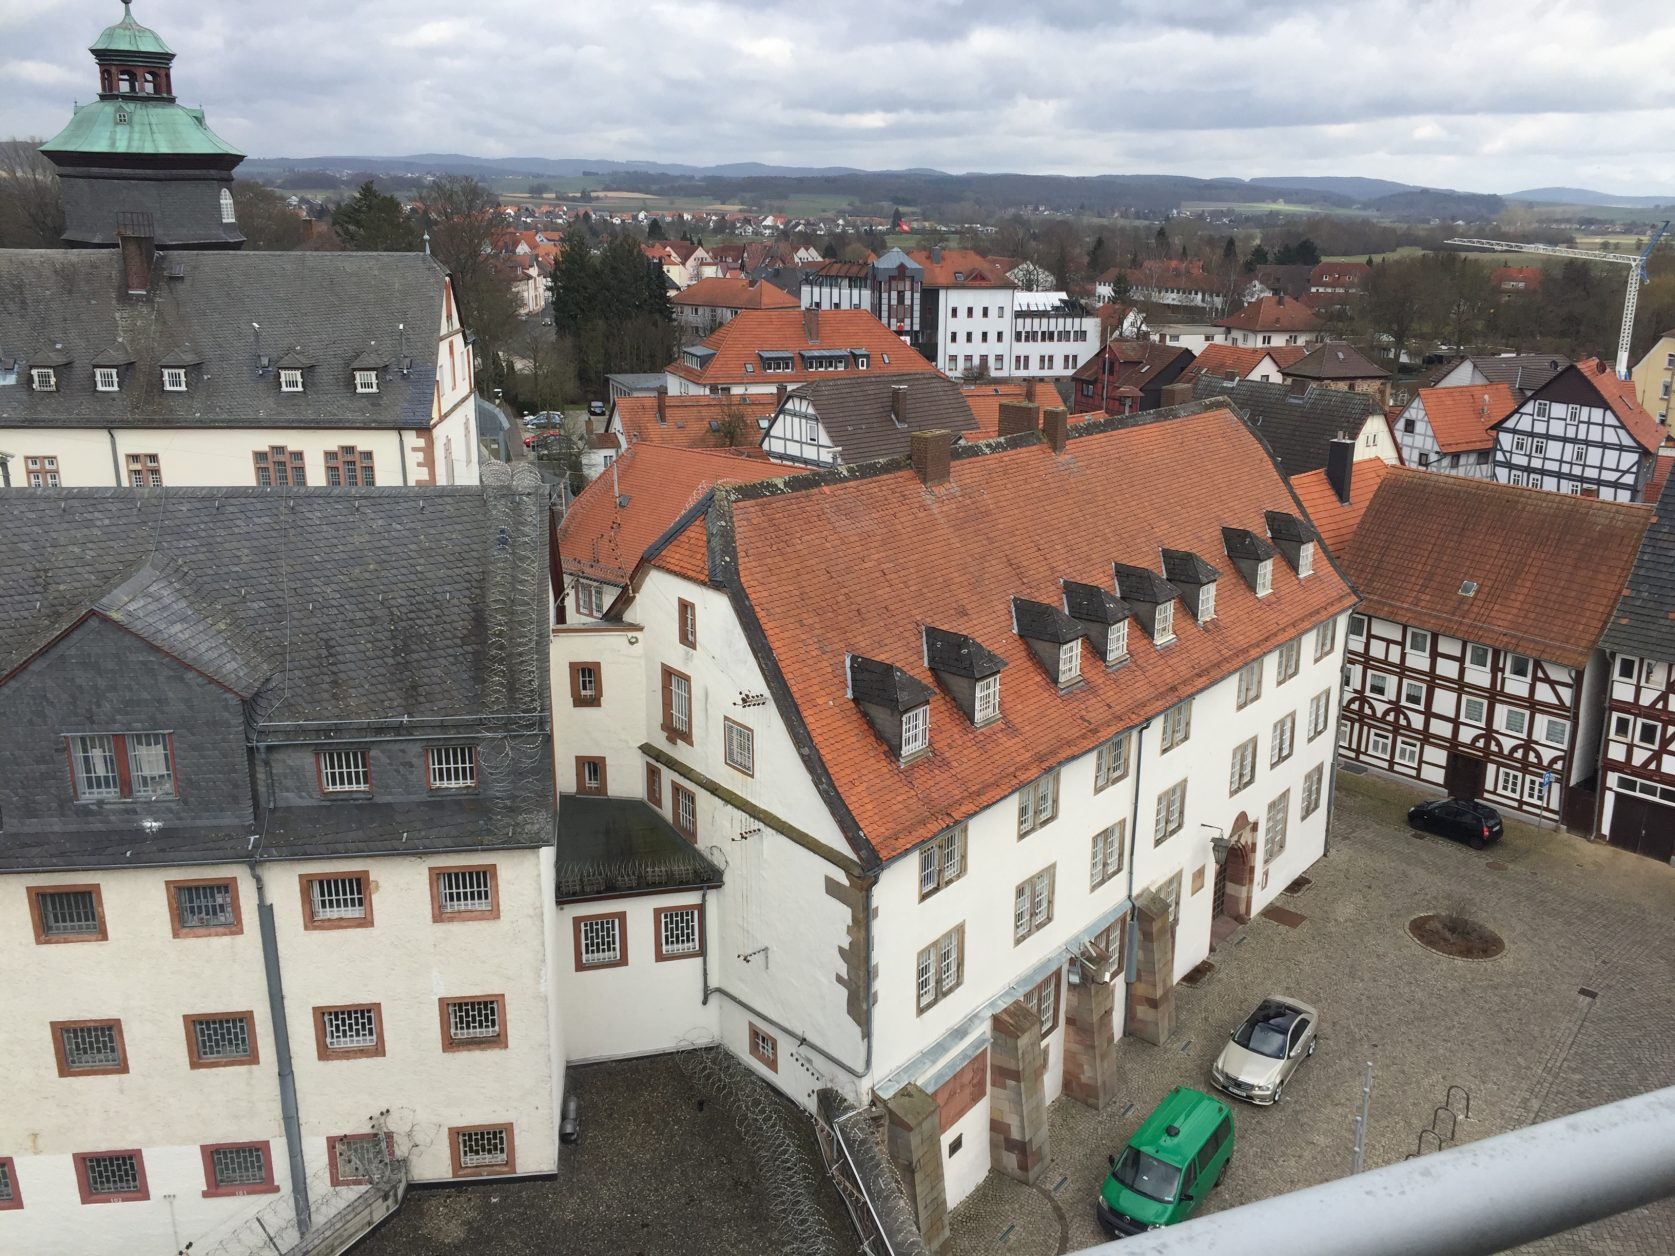 Grimmheimat-ziegenhain (35)